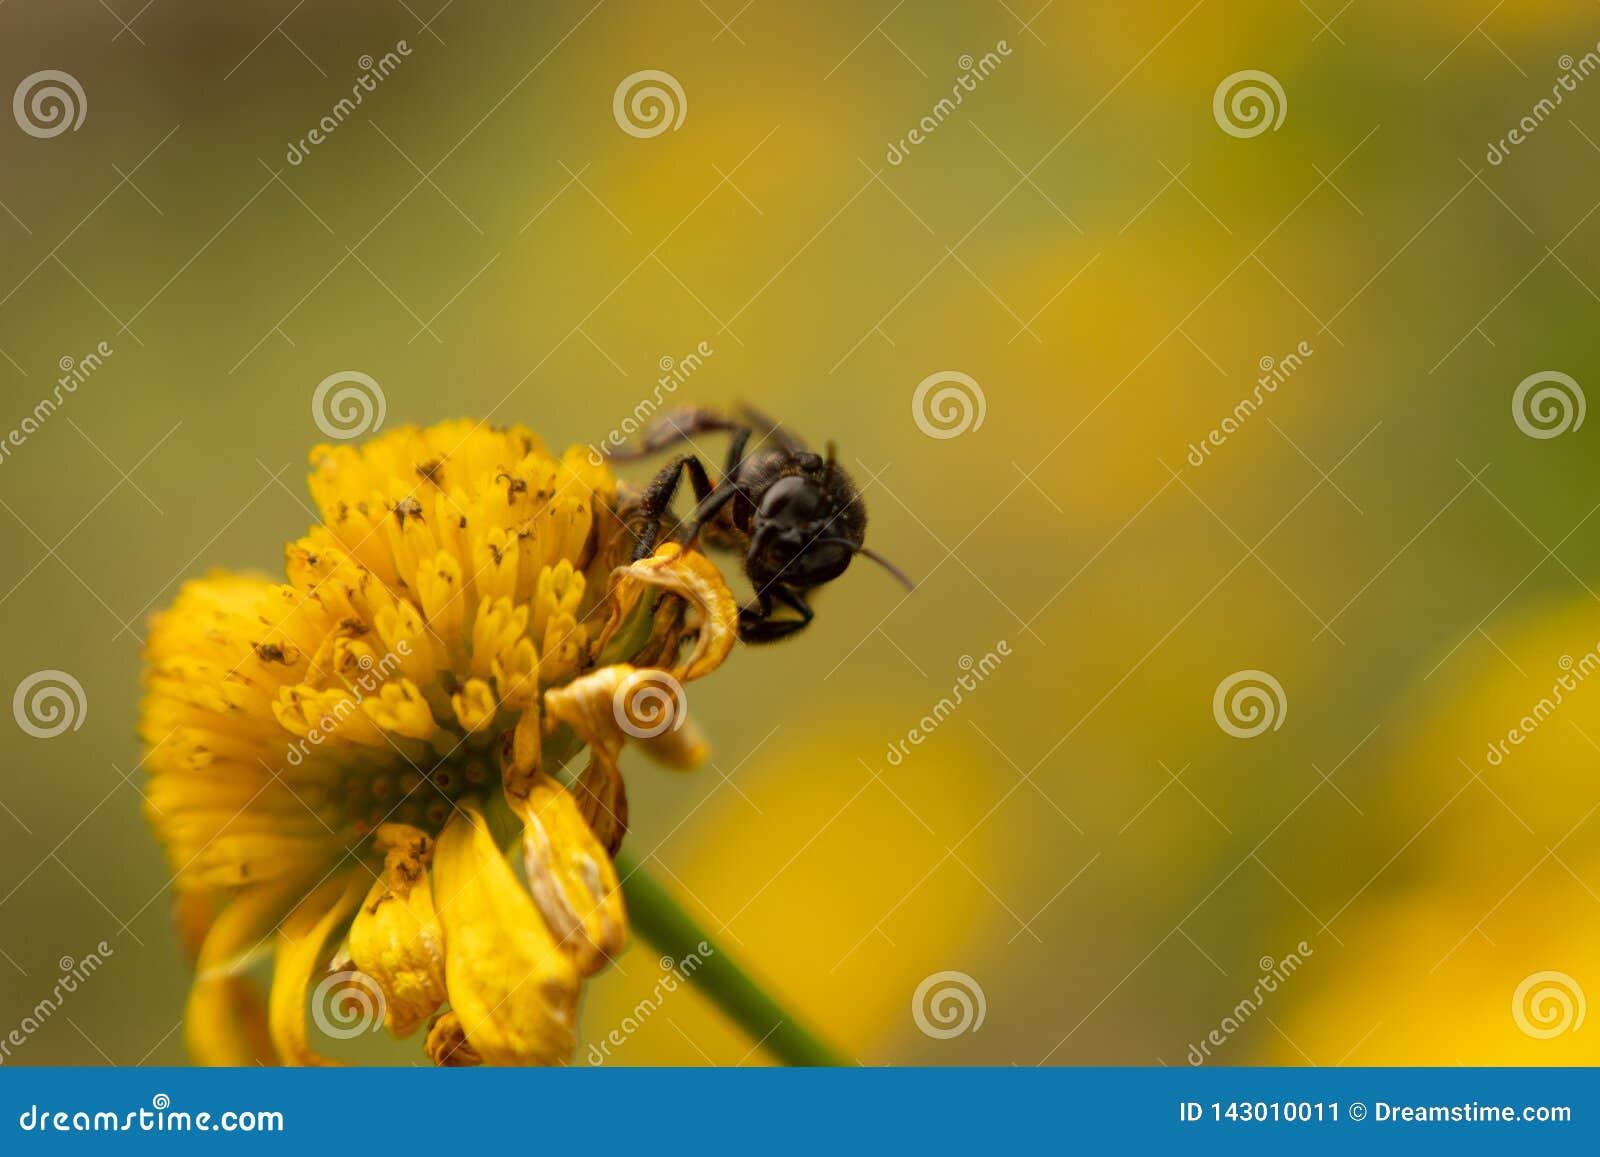 Λίγο έντομο που προσγειώνεται στον κίτρινο ηλίανθο